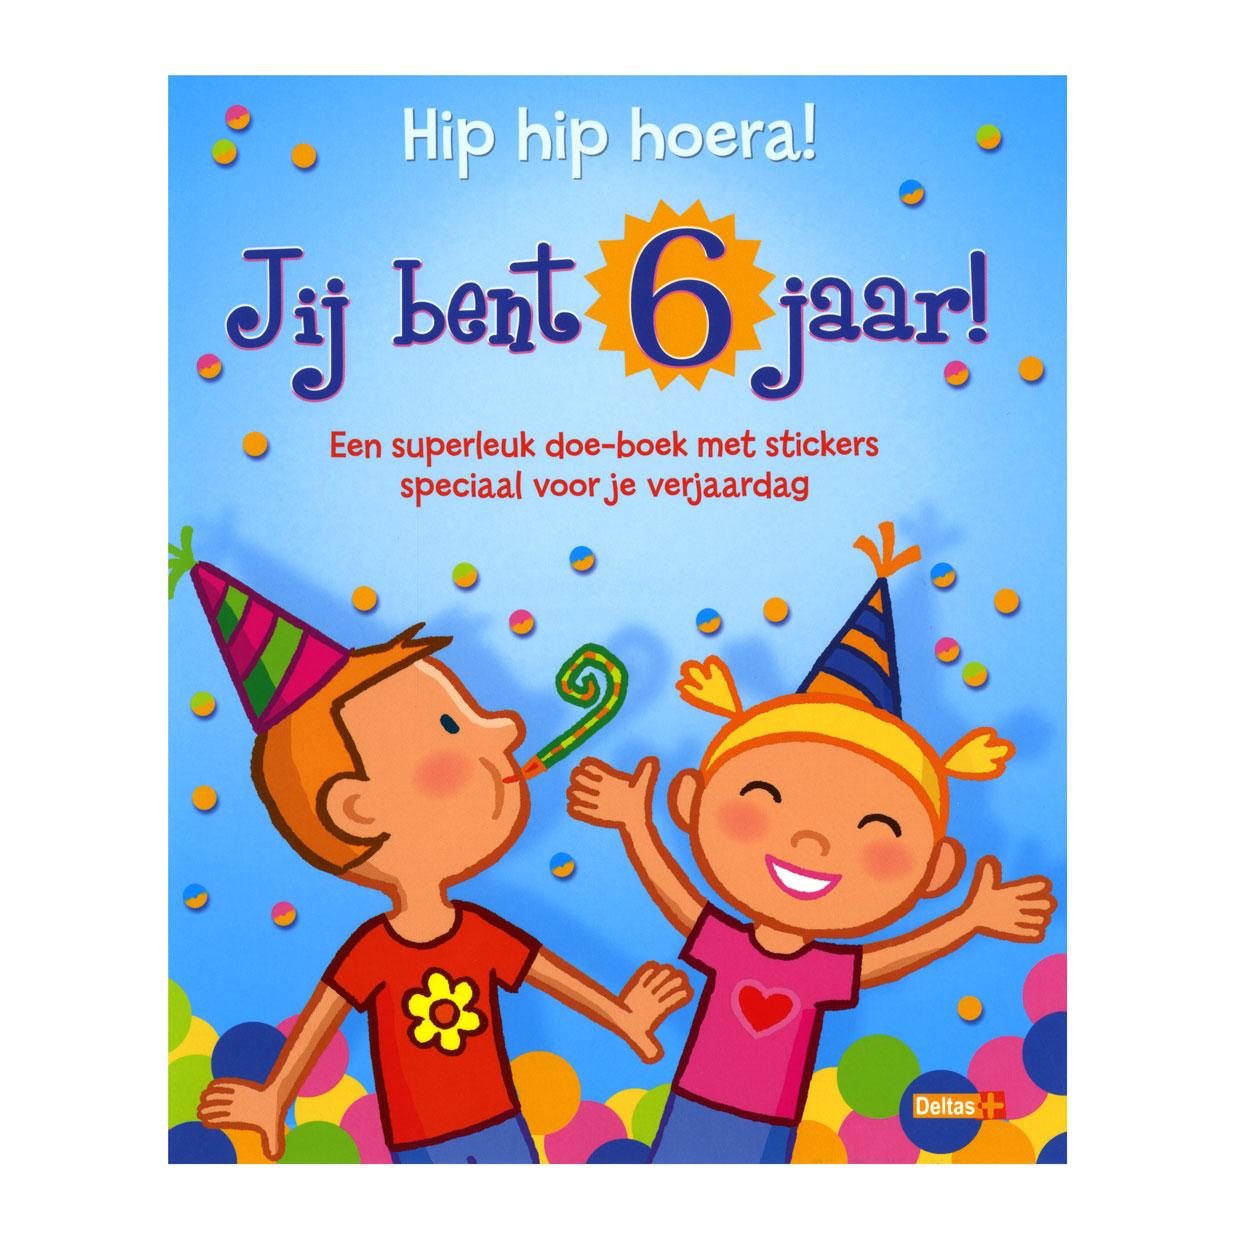 verjaardag 6 jaar Hip hip hoera! Jij bent 6 jaar! online kopen | Lobbes.nl verjaardag 6 jaar